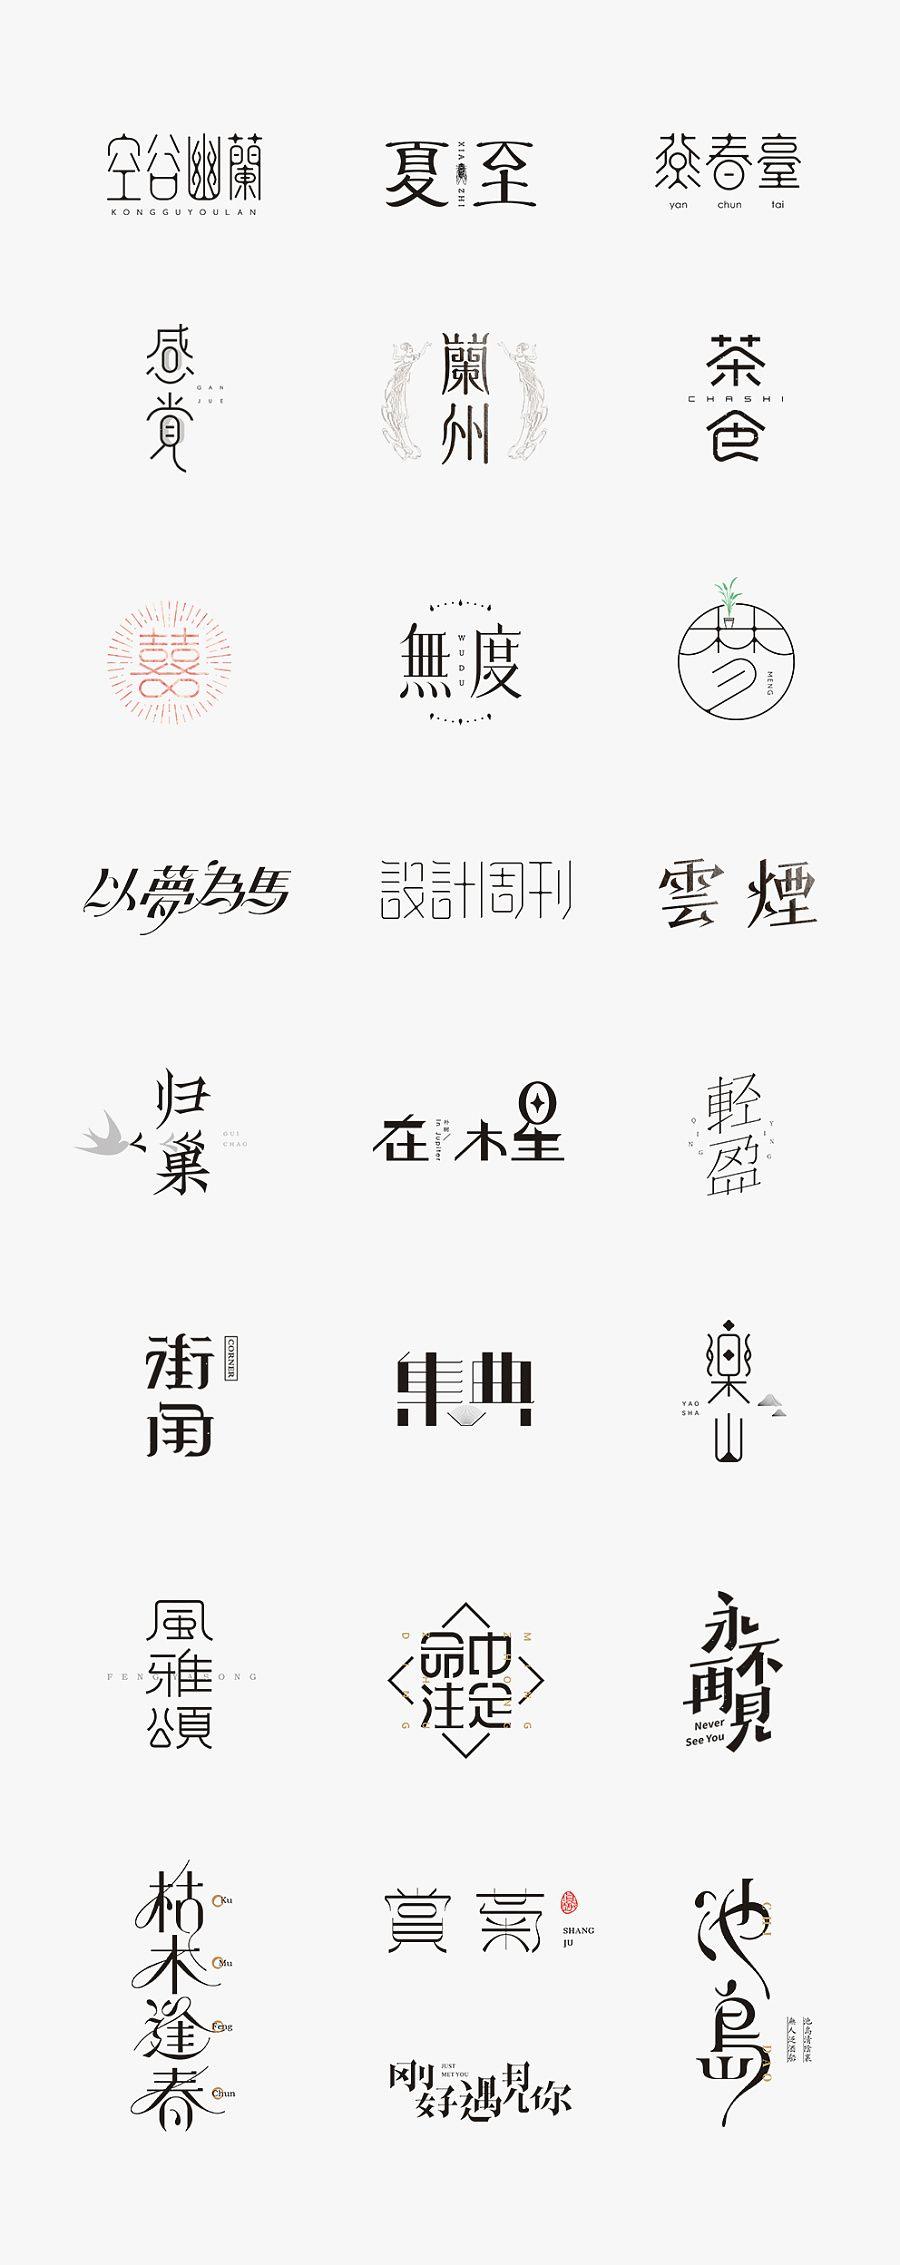 秋刀鱼设计对此图片选择了版权保护,您无法查看原图。 #chinesetypography